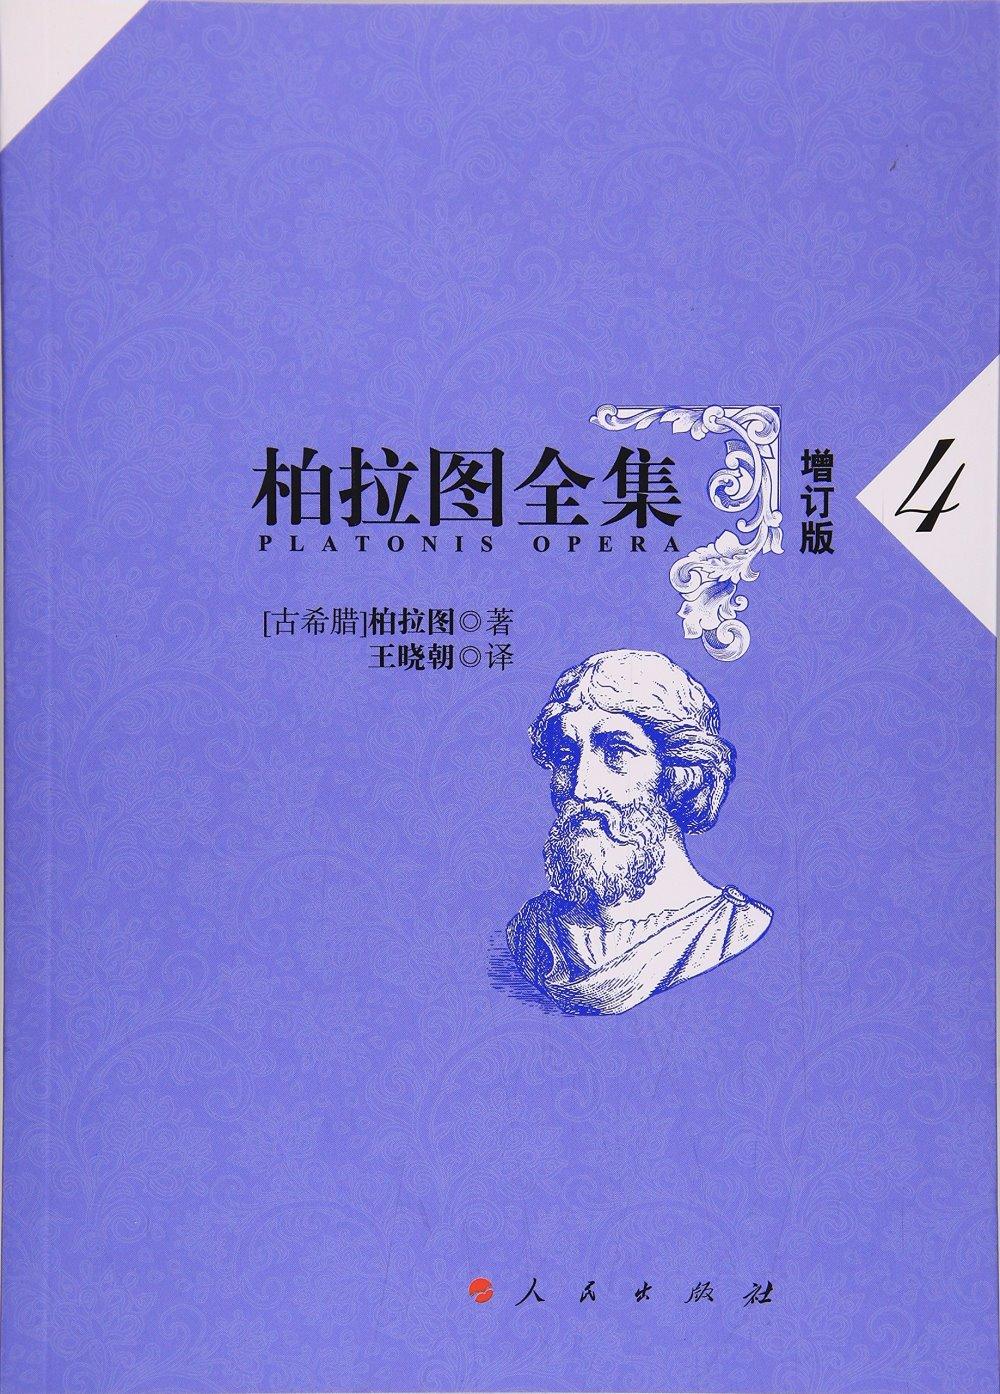 柏拉圖全集(增訂版)·4